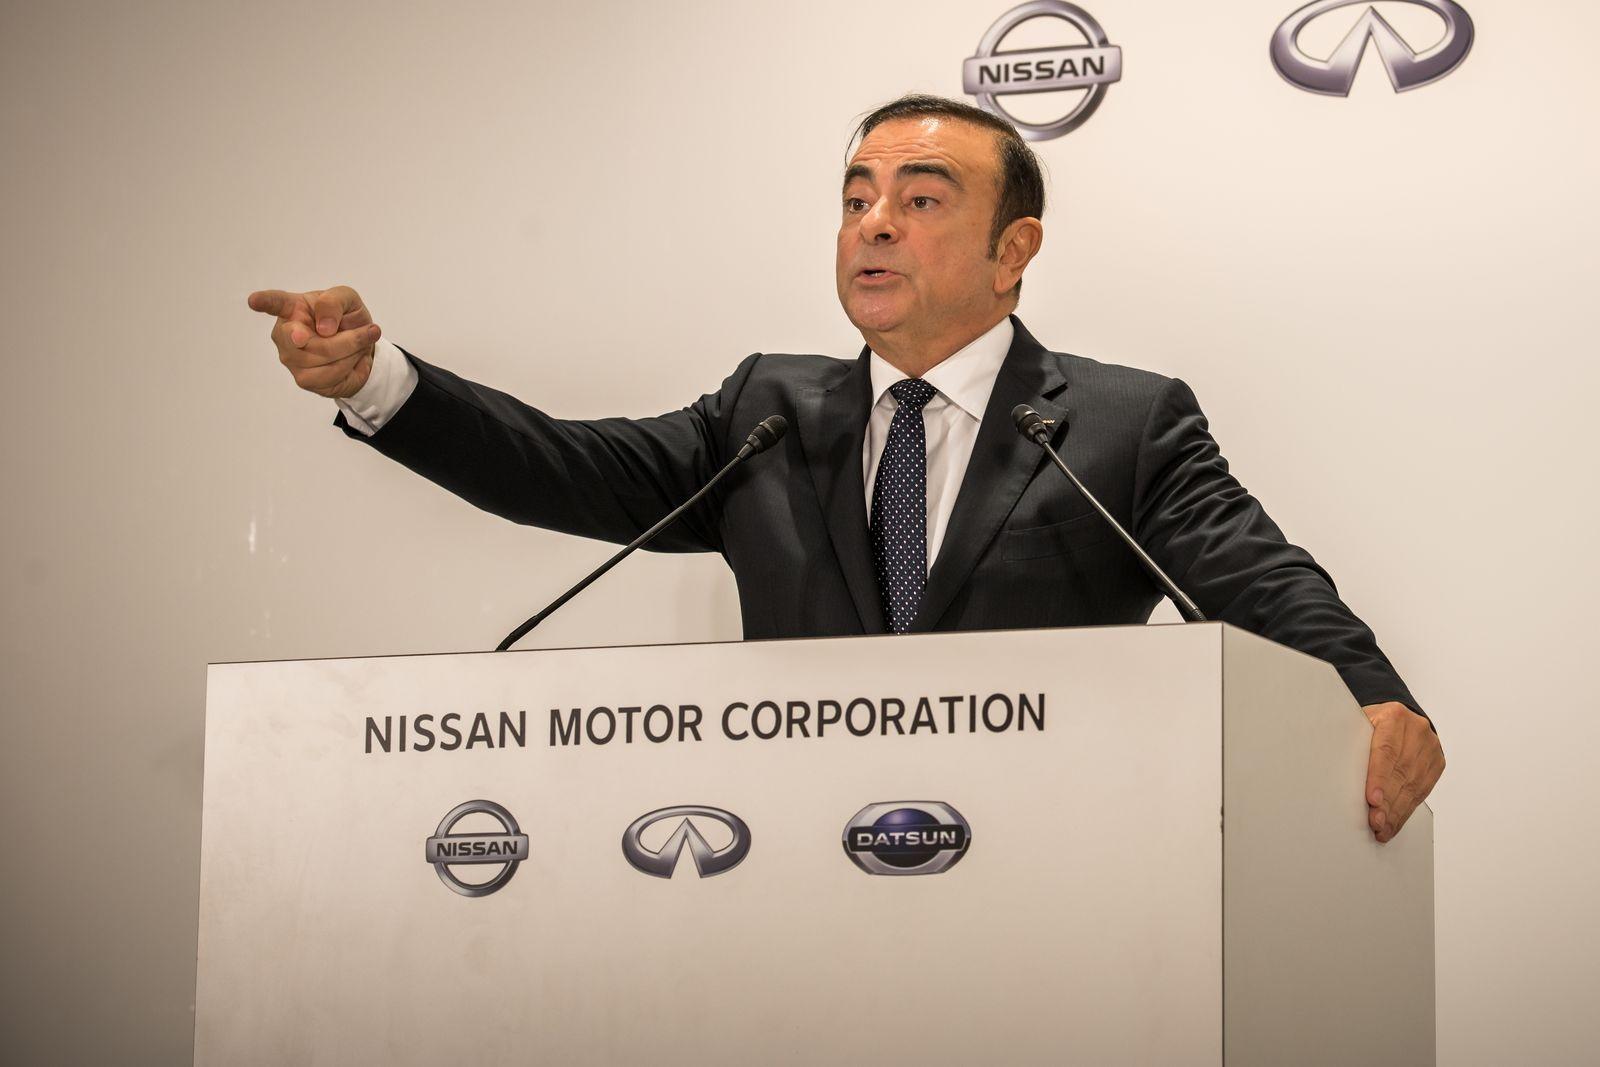 Карлос Гон обвинят во всех своих бедах предателей и заговорщиков в компании Nissan, но удастся ли ему доказать свою правоту в суде?